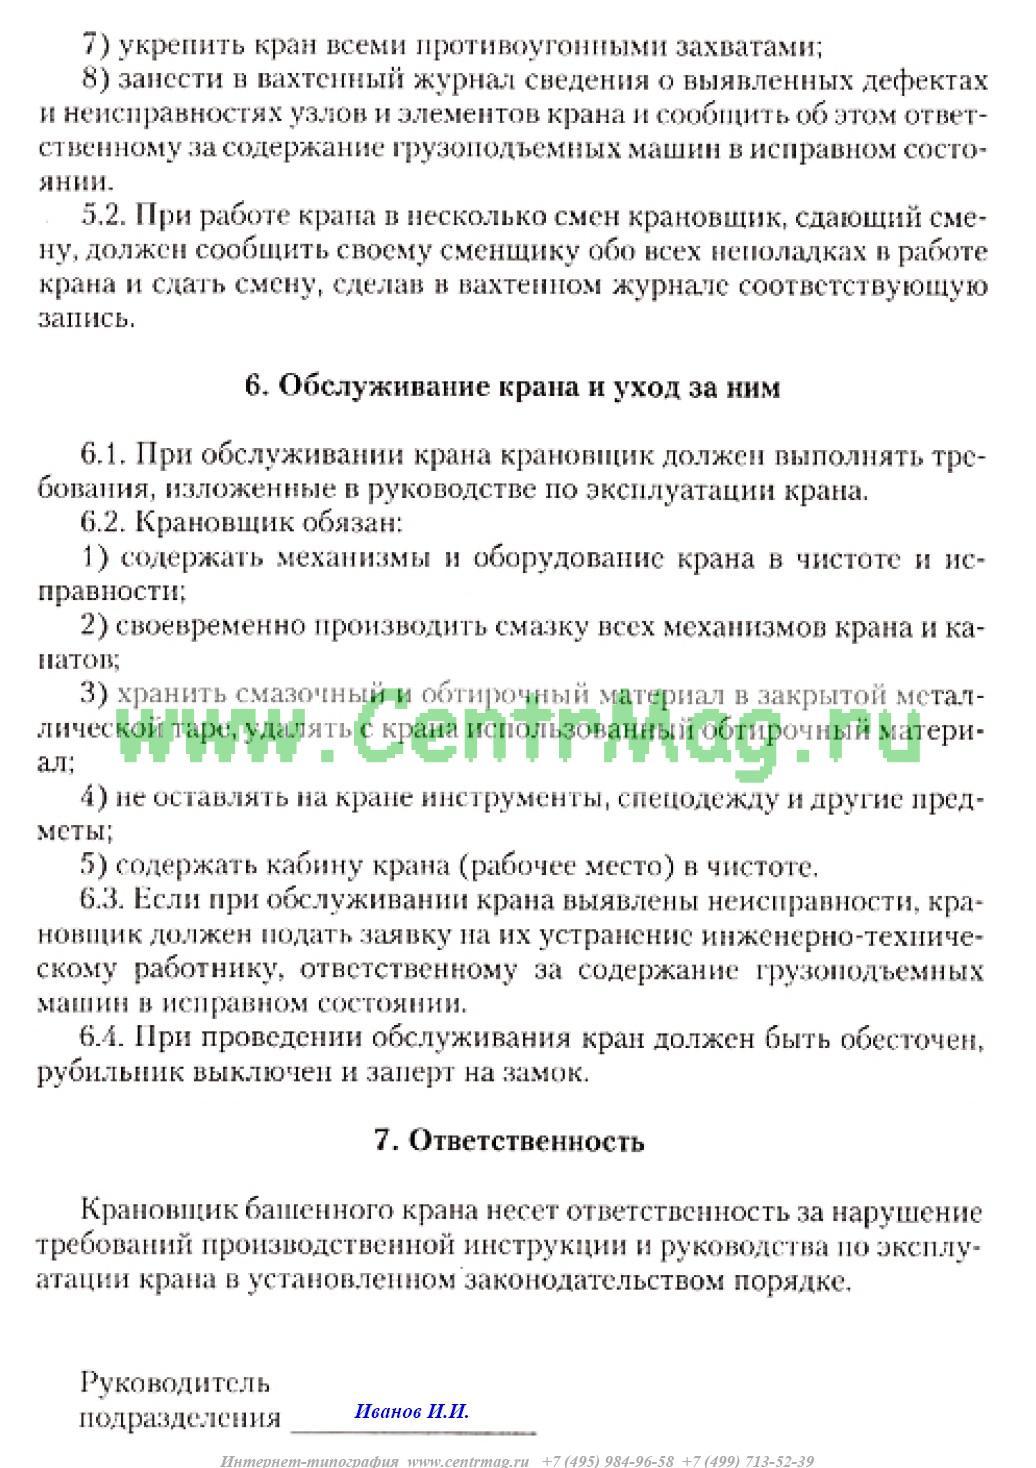 Для безопасной по крановщиков(машинистов) инструкция мос эксплуатации